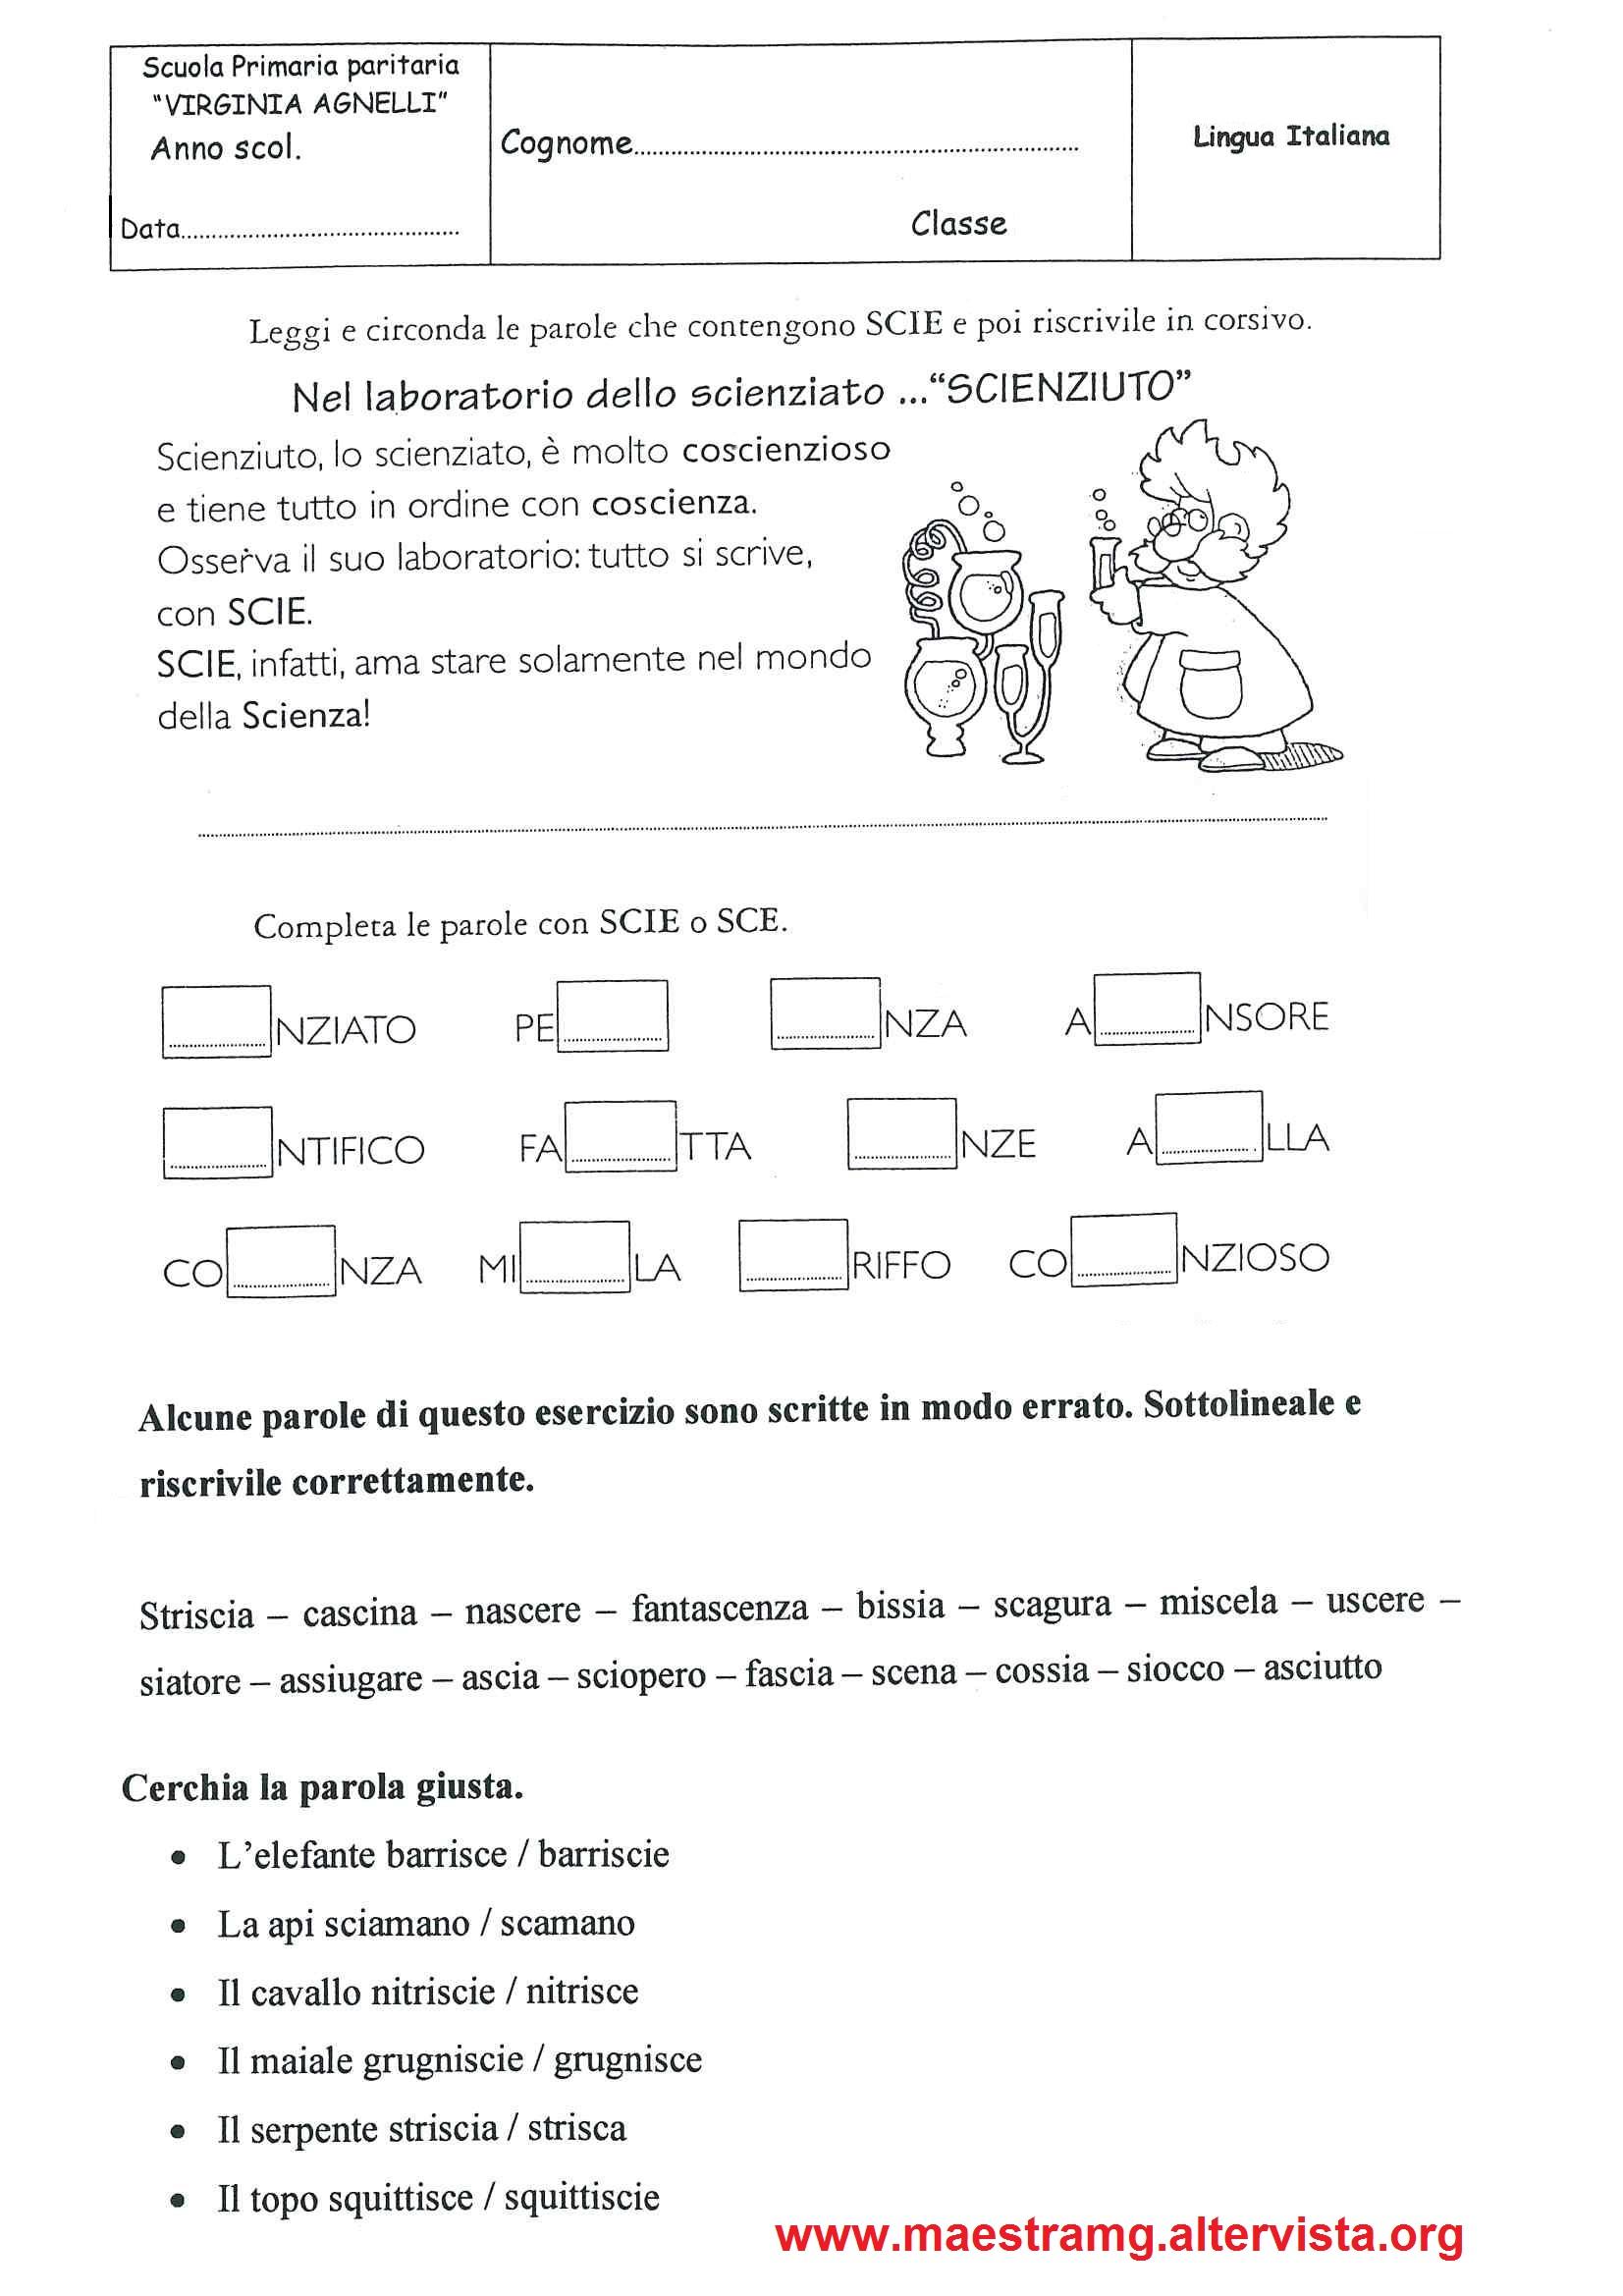 Seconda classe lingua italiana maestra mg for Parole con scie per bambini